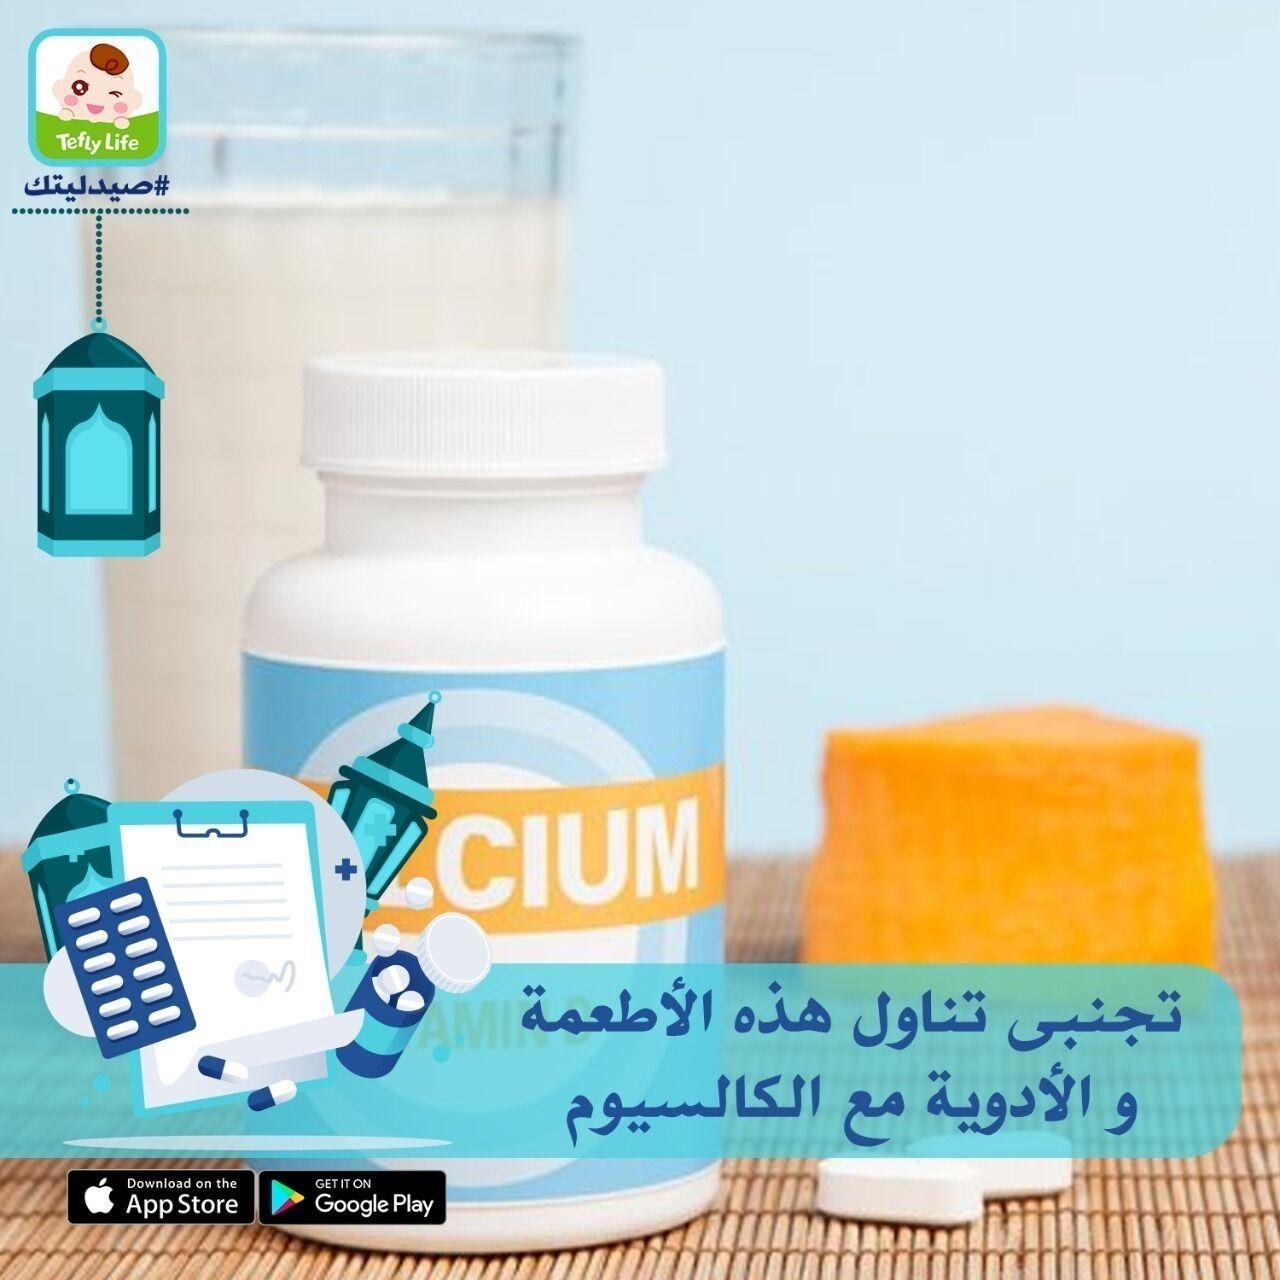 أشياء عليكِ تجنبها عند تناول الكالسيوم كمكمل غذائي!!